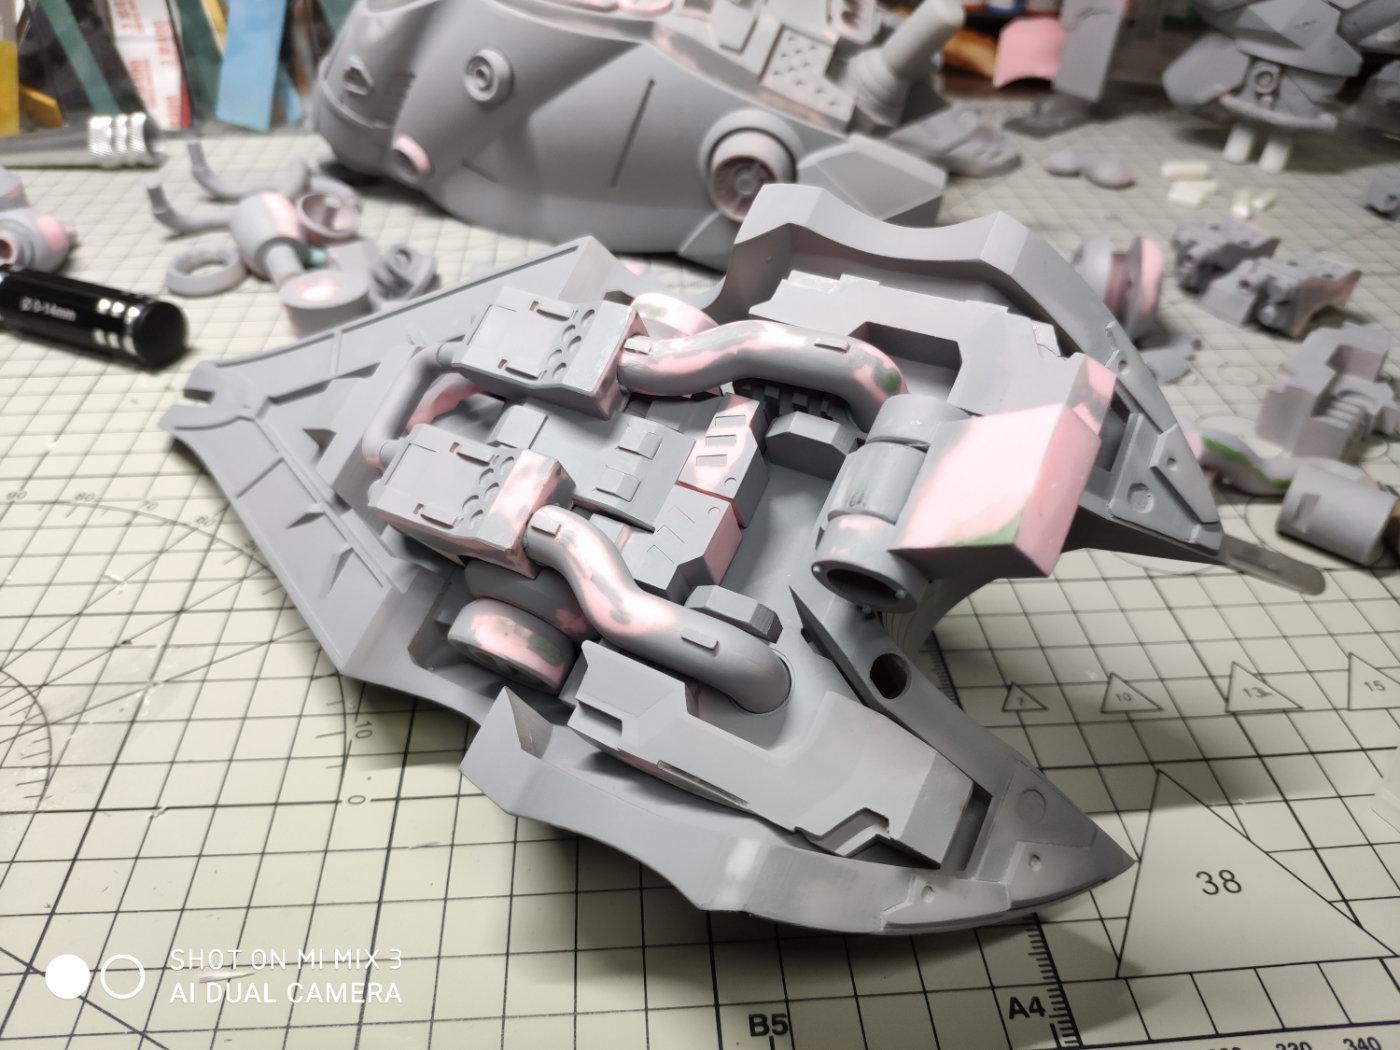 G330_AMX_002_Neue_Ziel_p_051.jpg